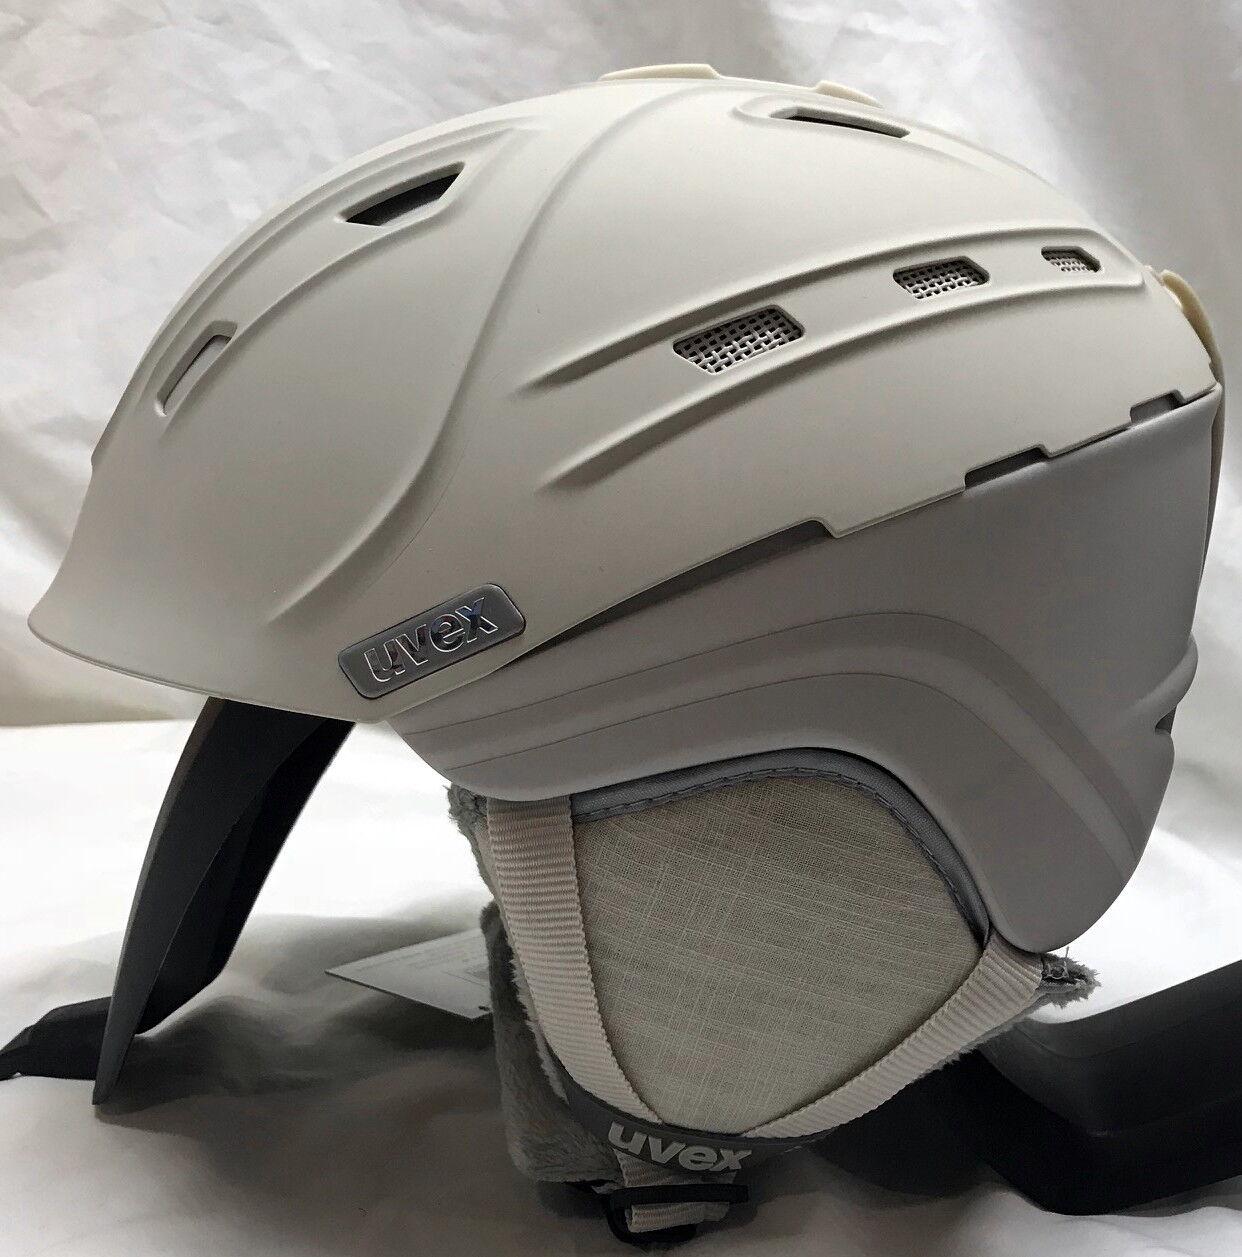 NEW UVEX P2US WL Damen SKI SNOWBOARD HELMET 51 51 HELMET - 55 Sm Creme / Grau Mat eb3d1f